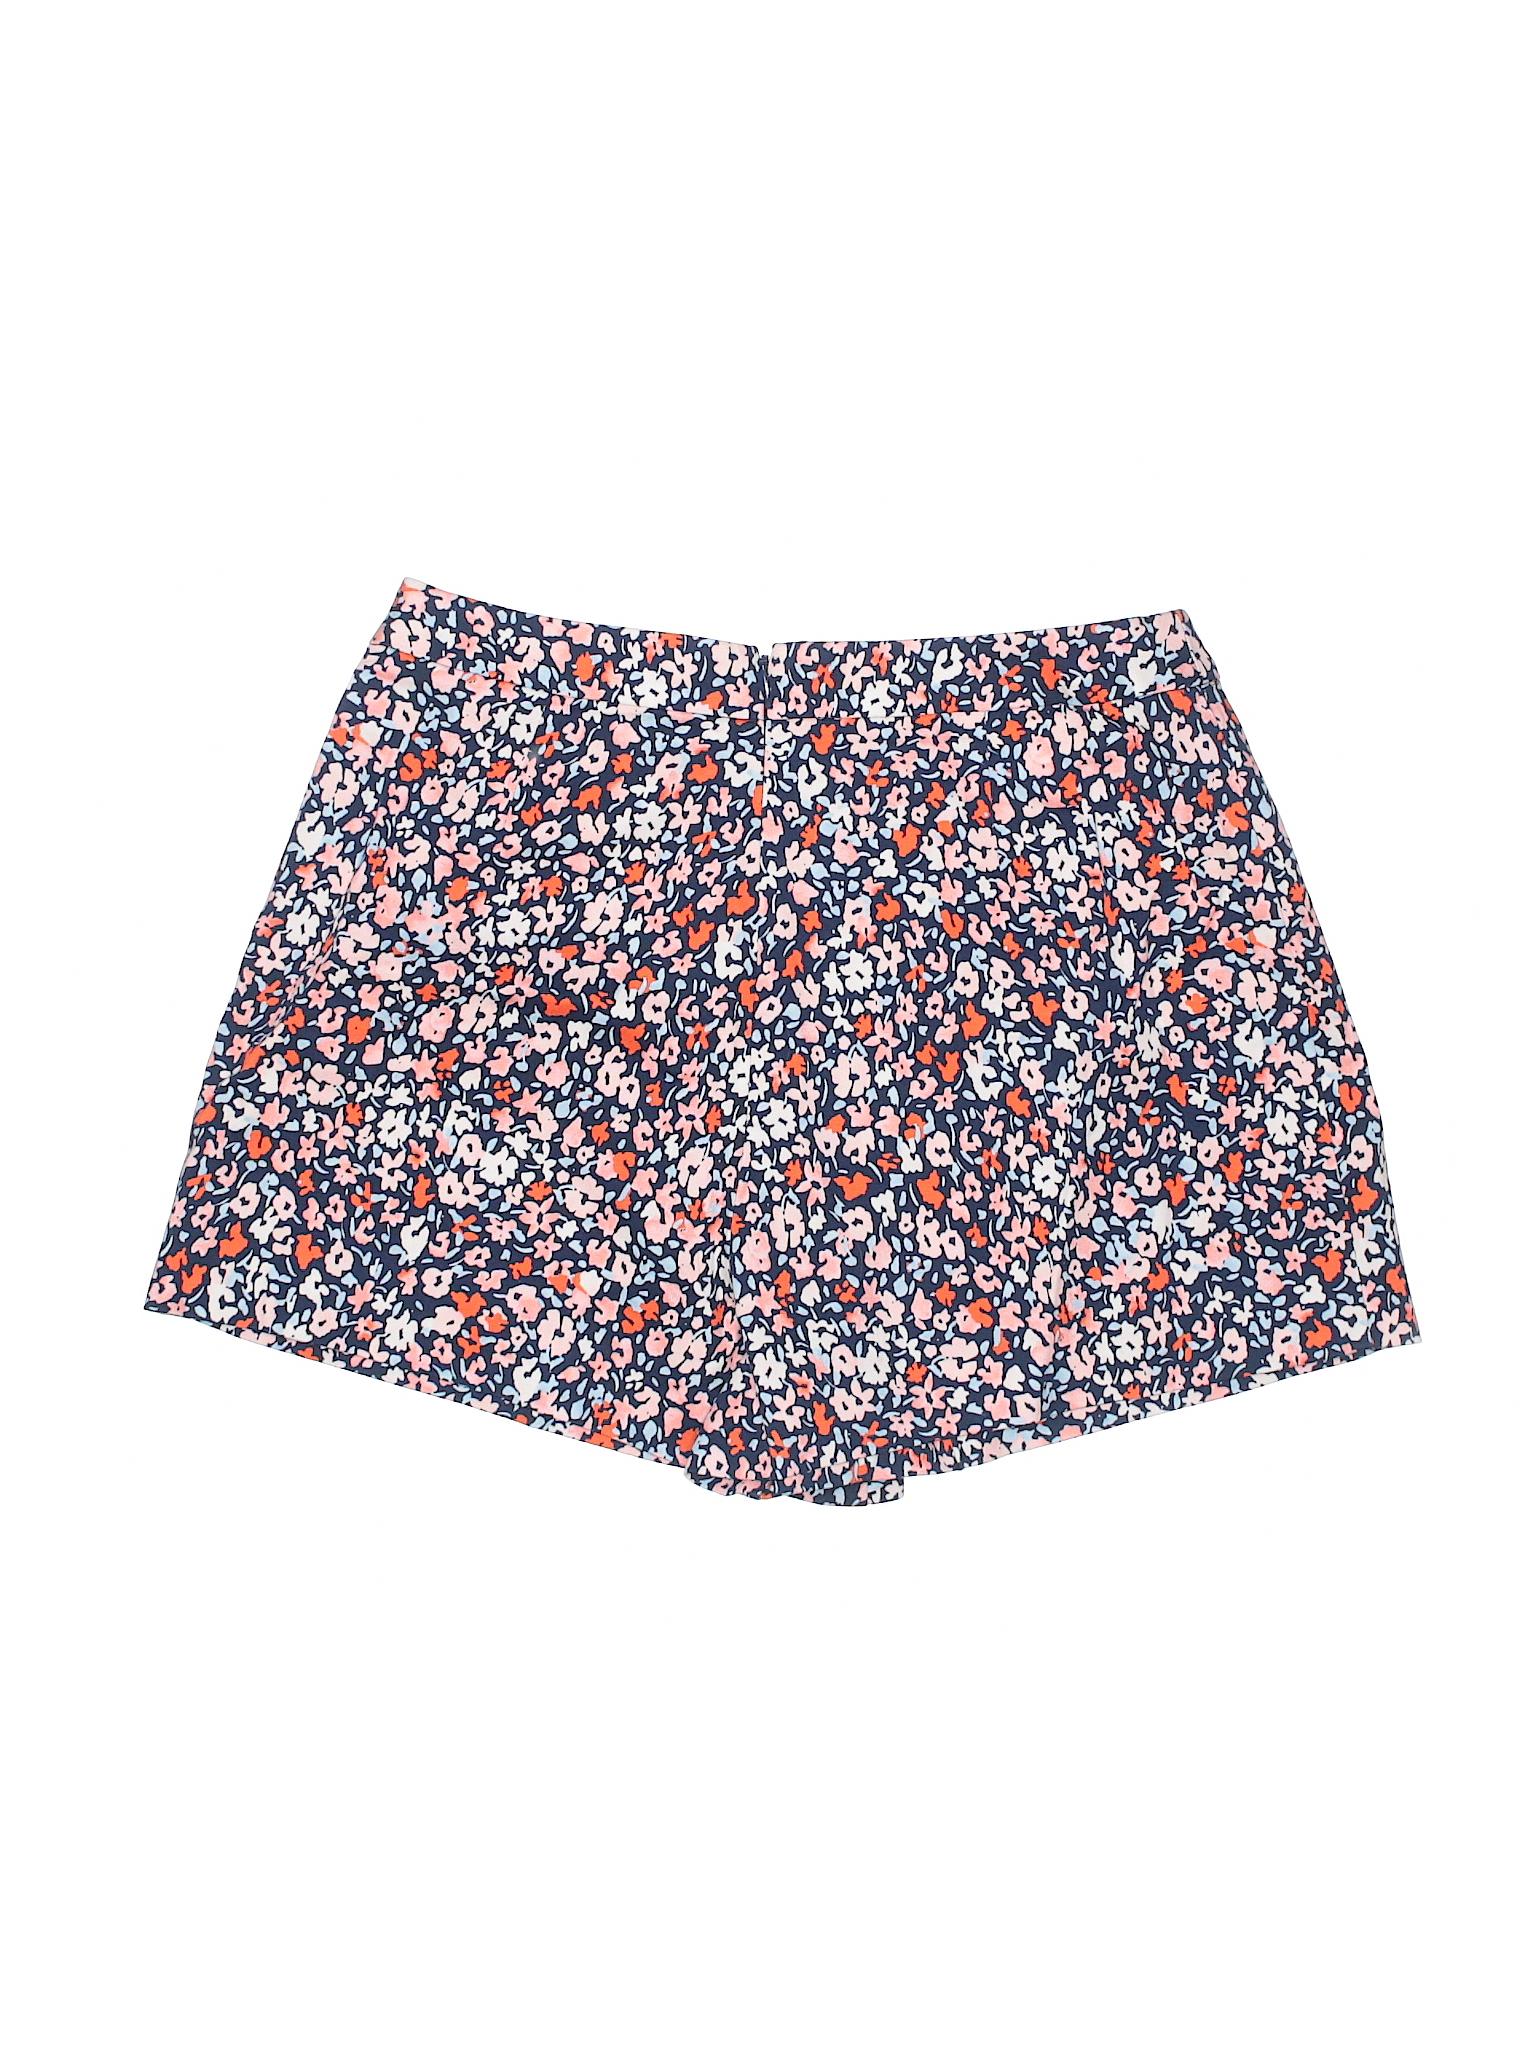 Shorts Boutique Shorts BCBGeneration Boutique BCBGeneration Shorts Boutique BCBGeneration vq1nBxz